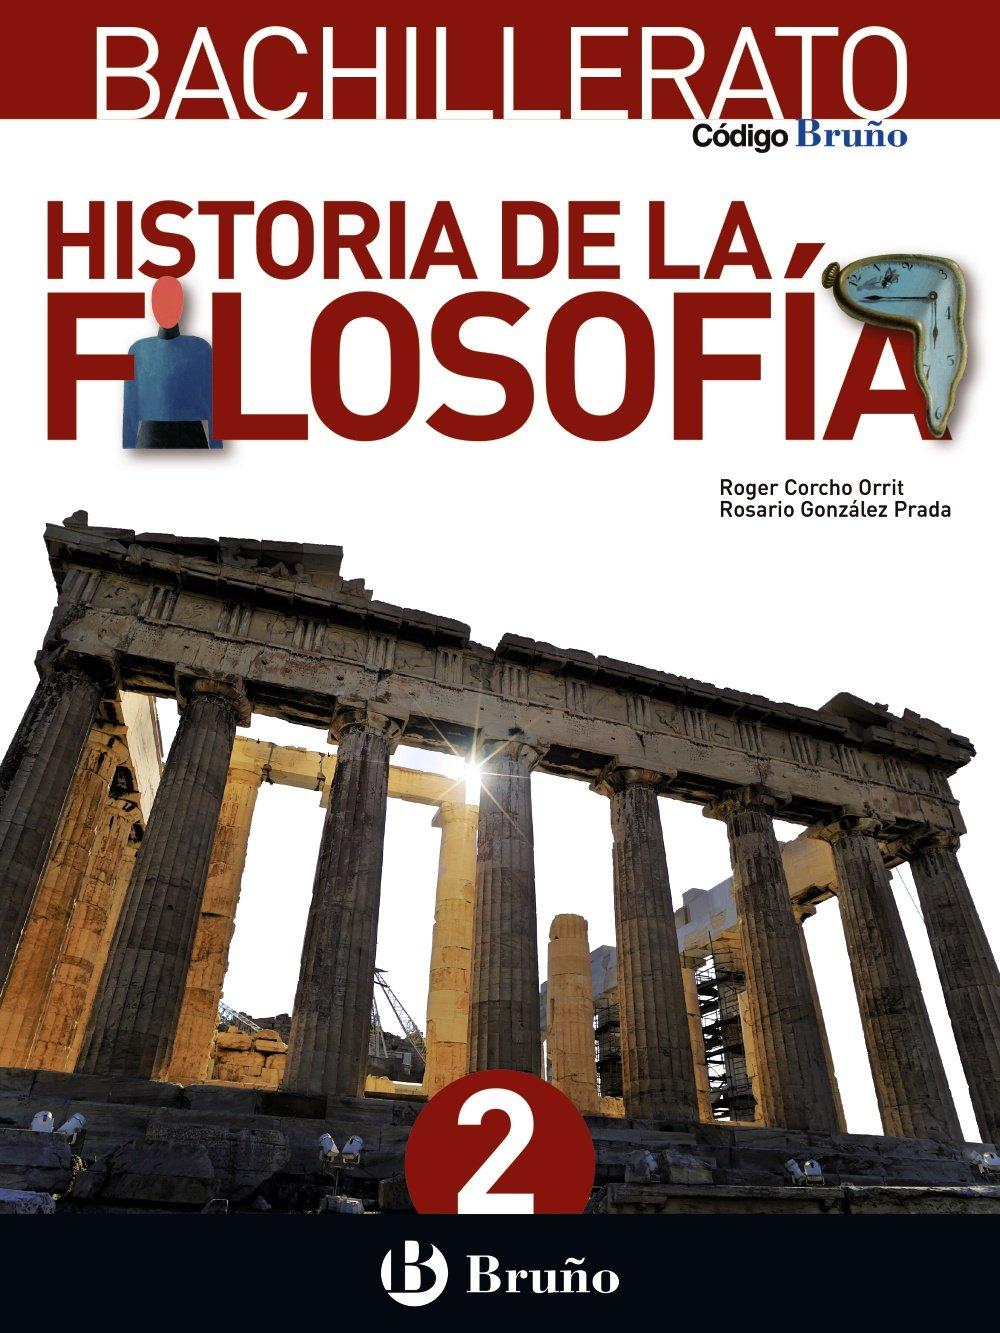 Código Bruño Historia de la Filosofía 2 Bachillerato - 9788469611364: Amazon.es: Corcho Orrit, Roger, González Prada, Rosario: Libros